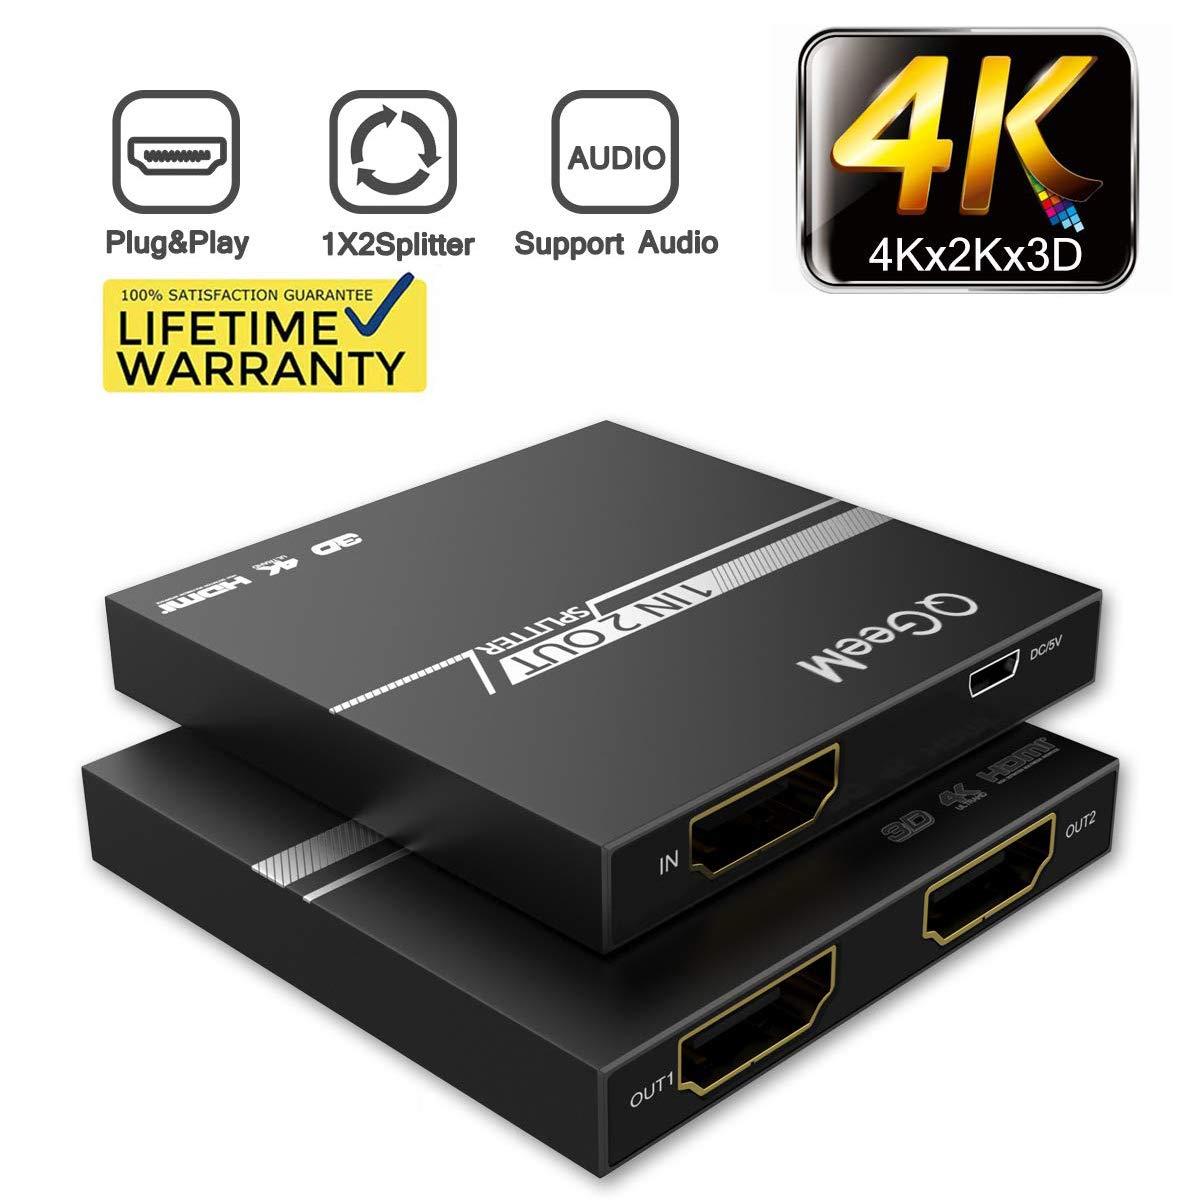 2019 アップデートされたHDMIスプリッター 超薄型 4K 1 in 2 Out、QGeeM、電源供給付き、Ps 4、Xbox、Apple TV、STB、Blu-ray DVDプレーヤーなど用1 x 2 HDMIスプリッター (VK-102s) B07P84T19W